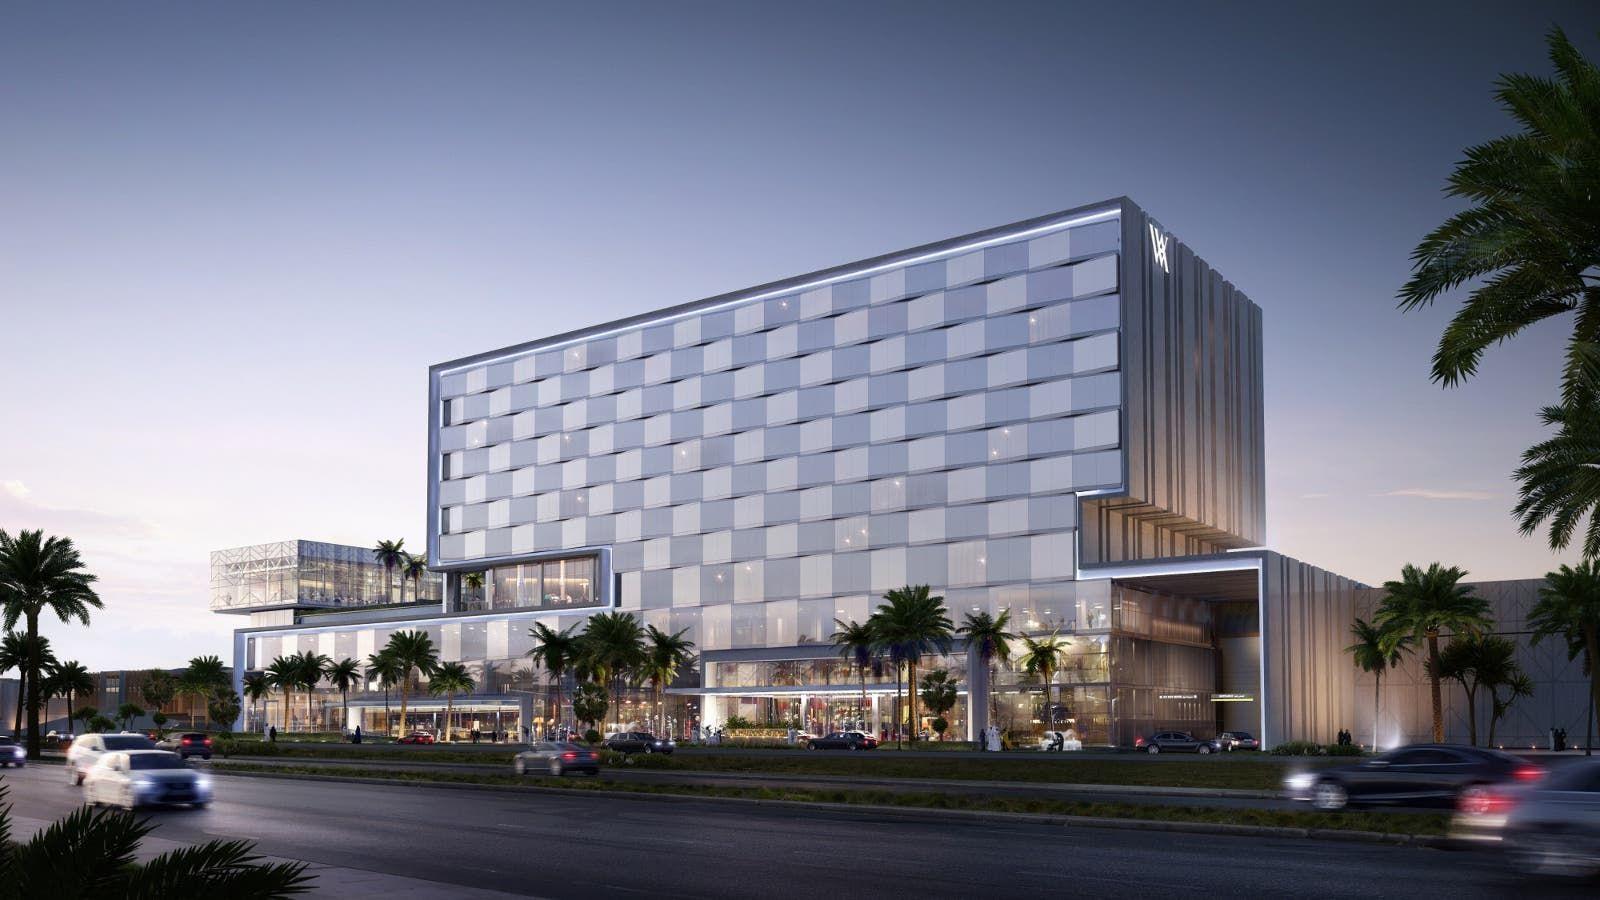 أول فندق من علامة والدورف أستوريا في الكويت يستعد للافتتاح في الخريف In 2021 Skyscraper Structures Building